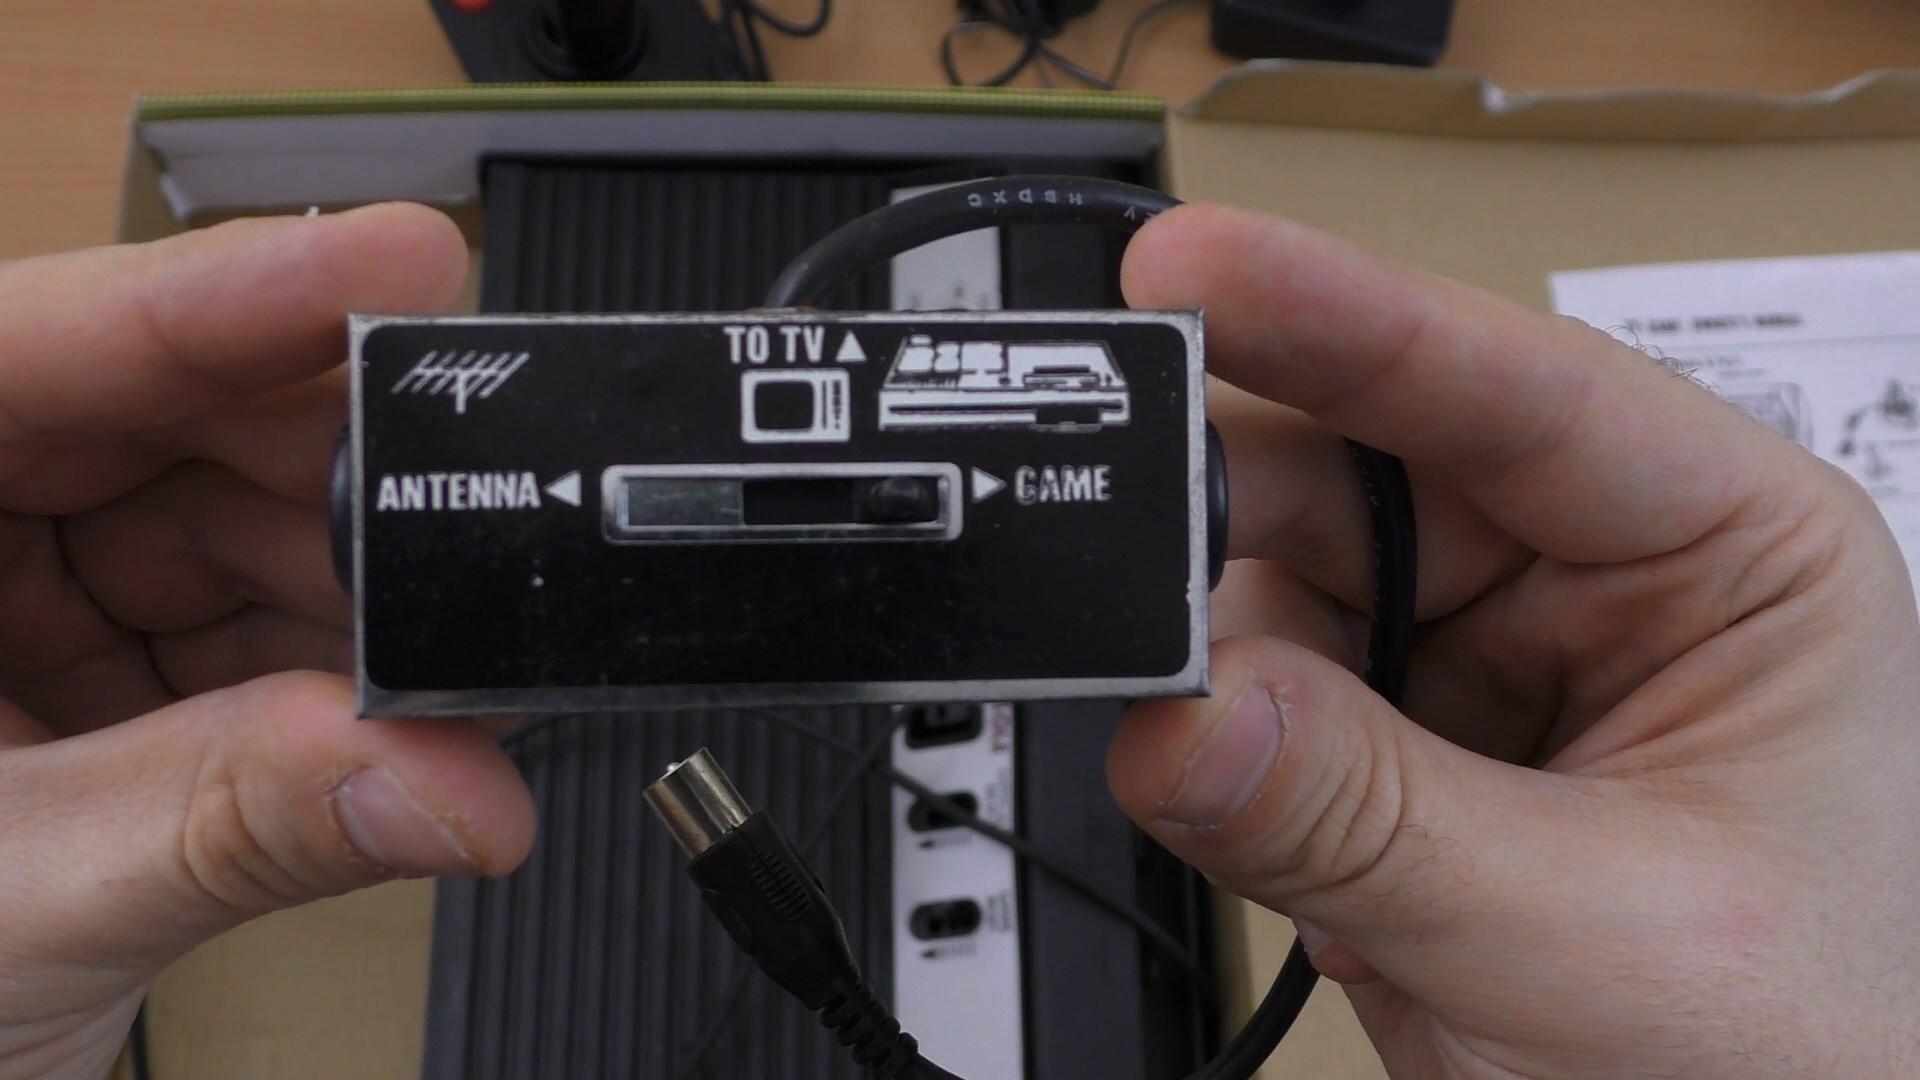 Rambo TV Games (Atari 2600) [статья с кучей фото и капелькой видео] - 12